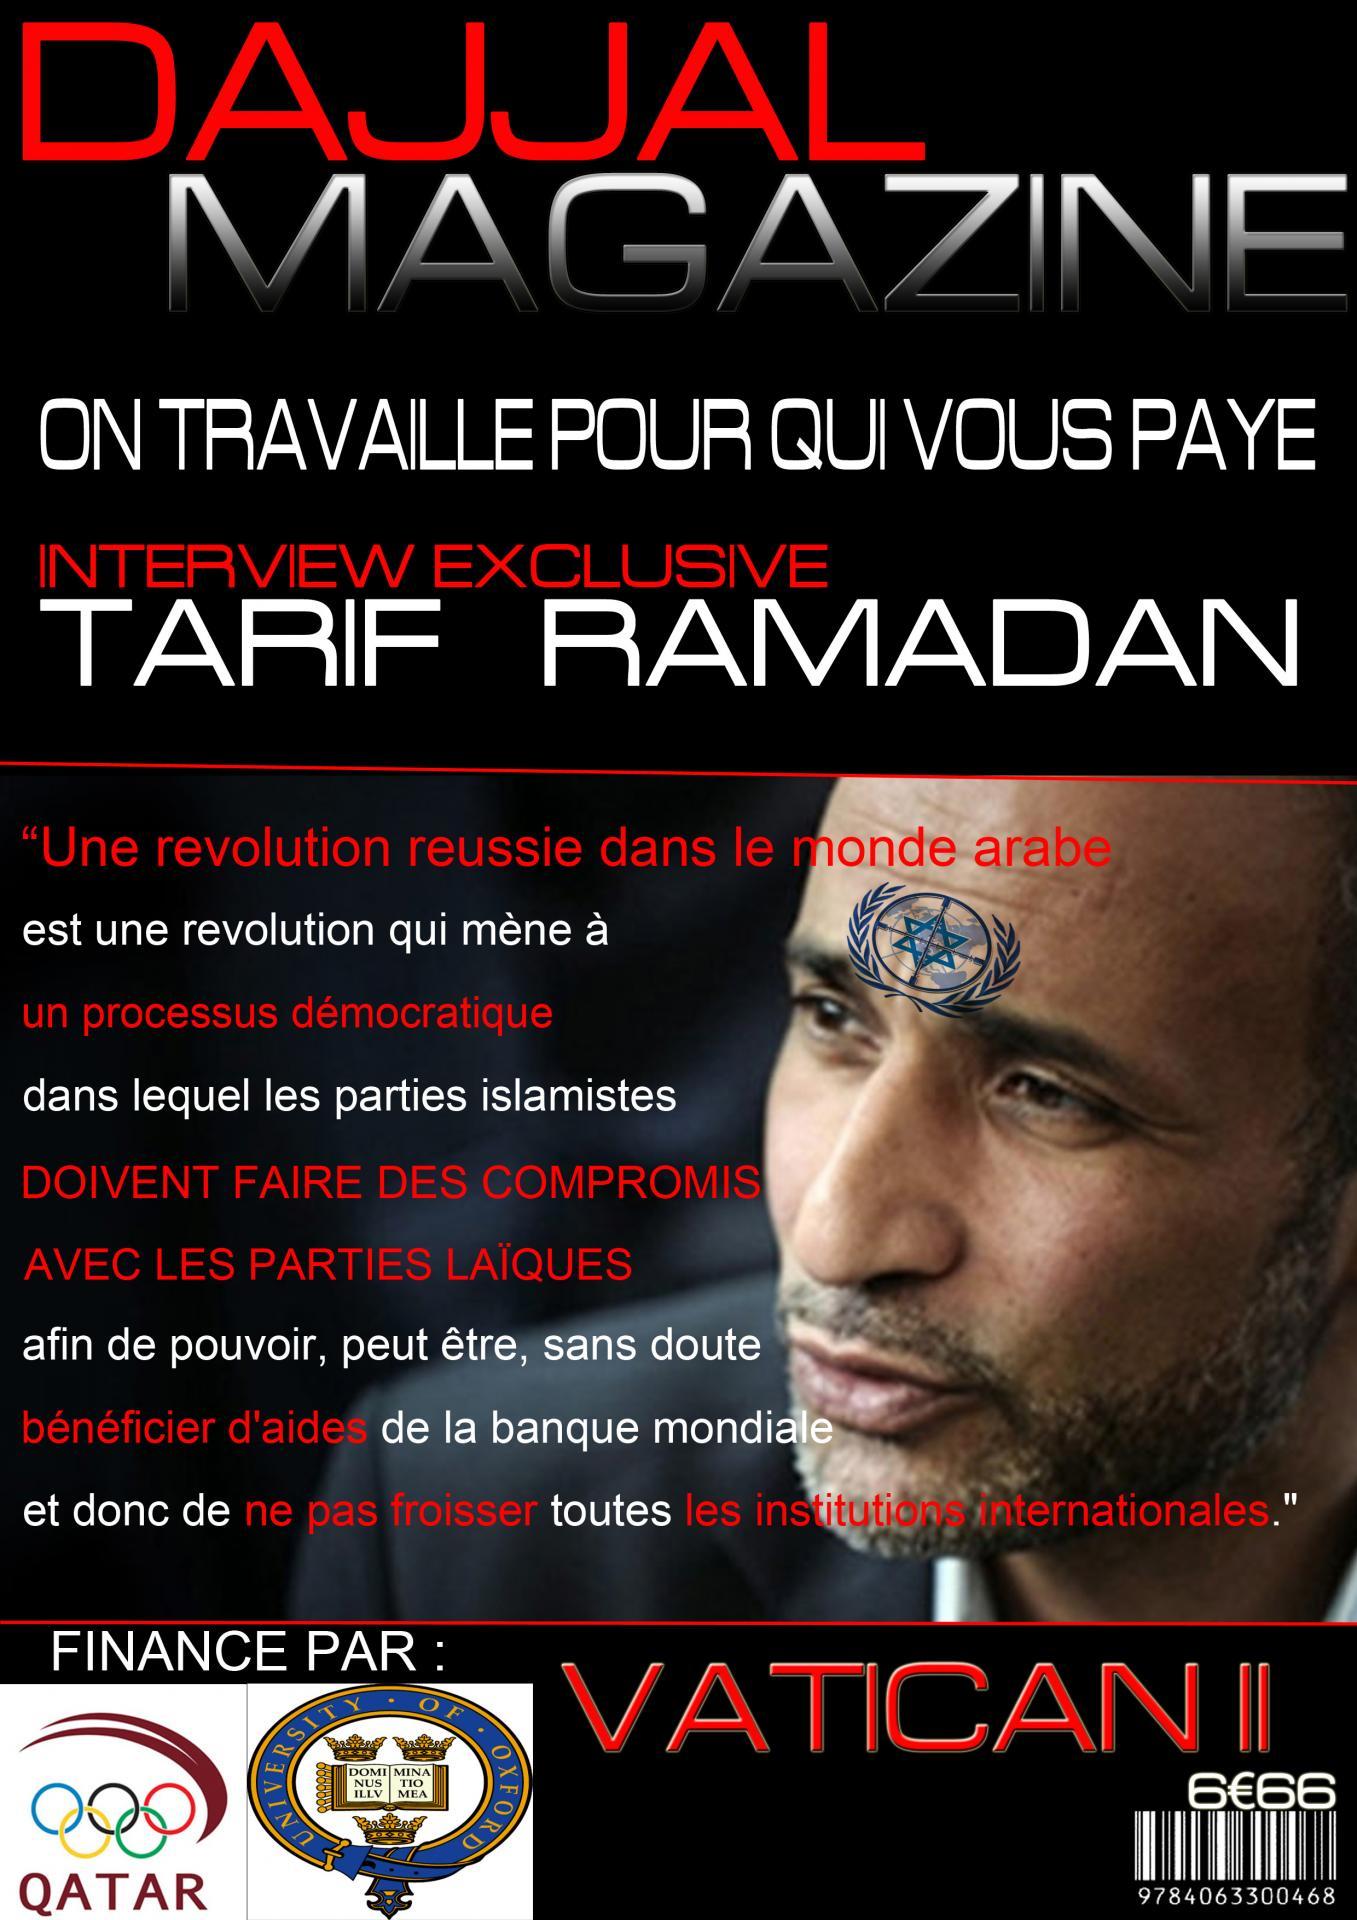 Tarif ramadan